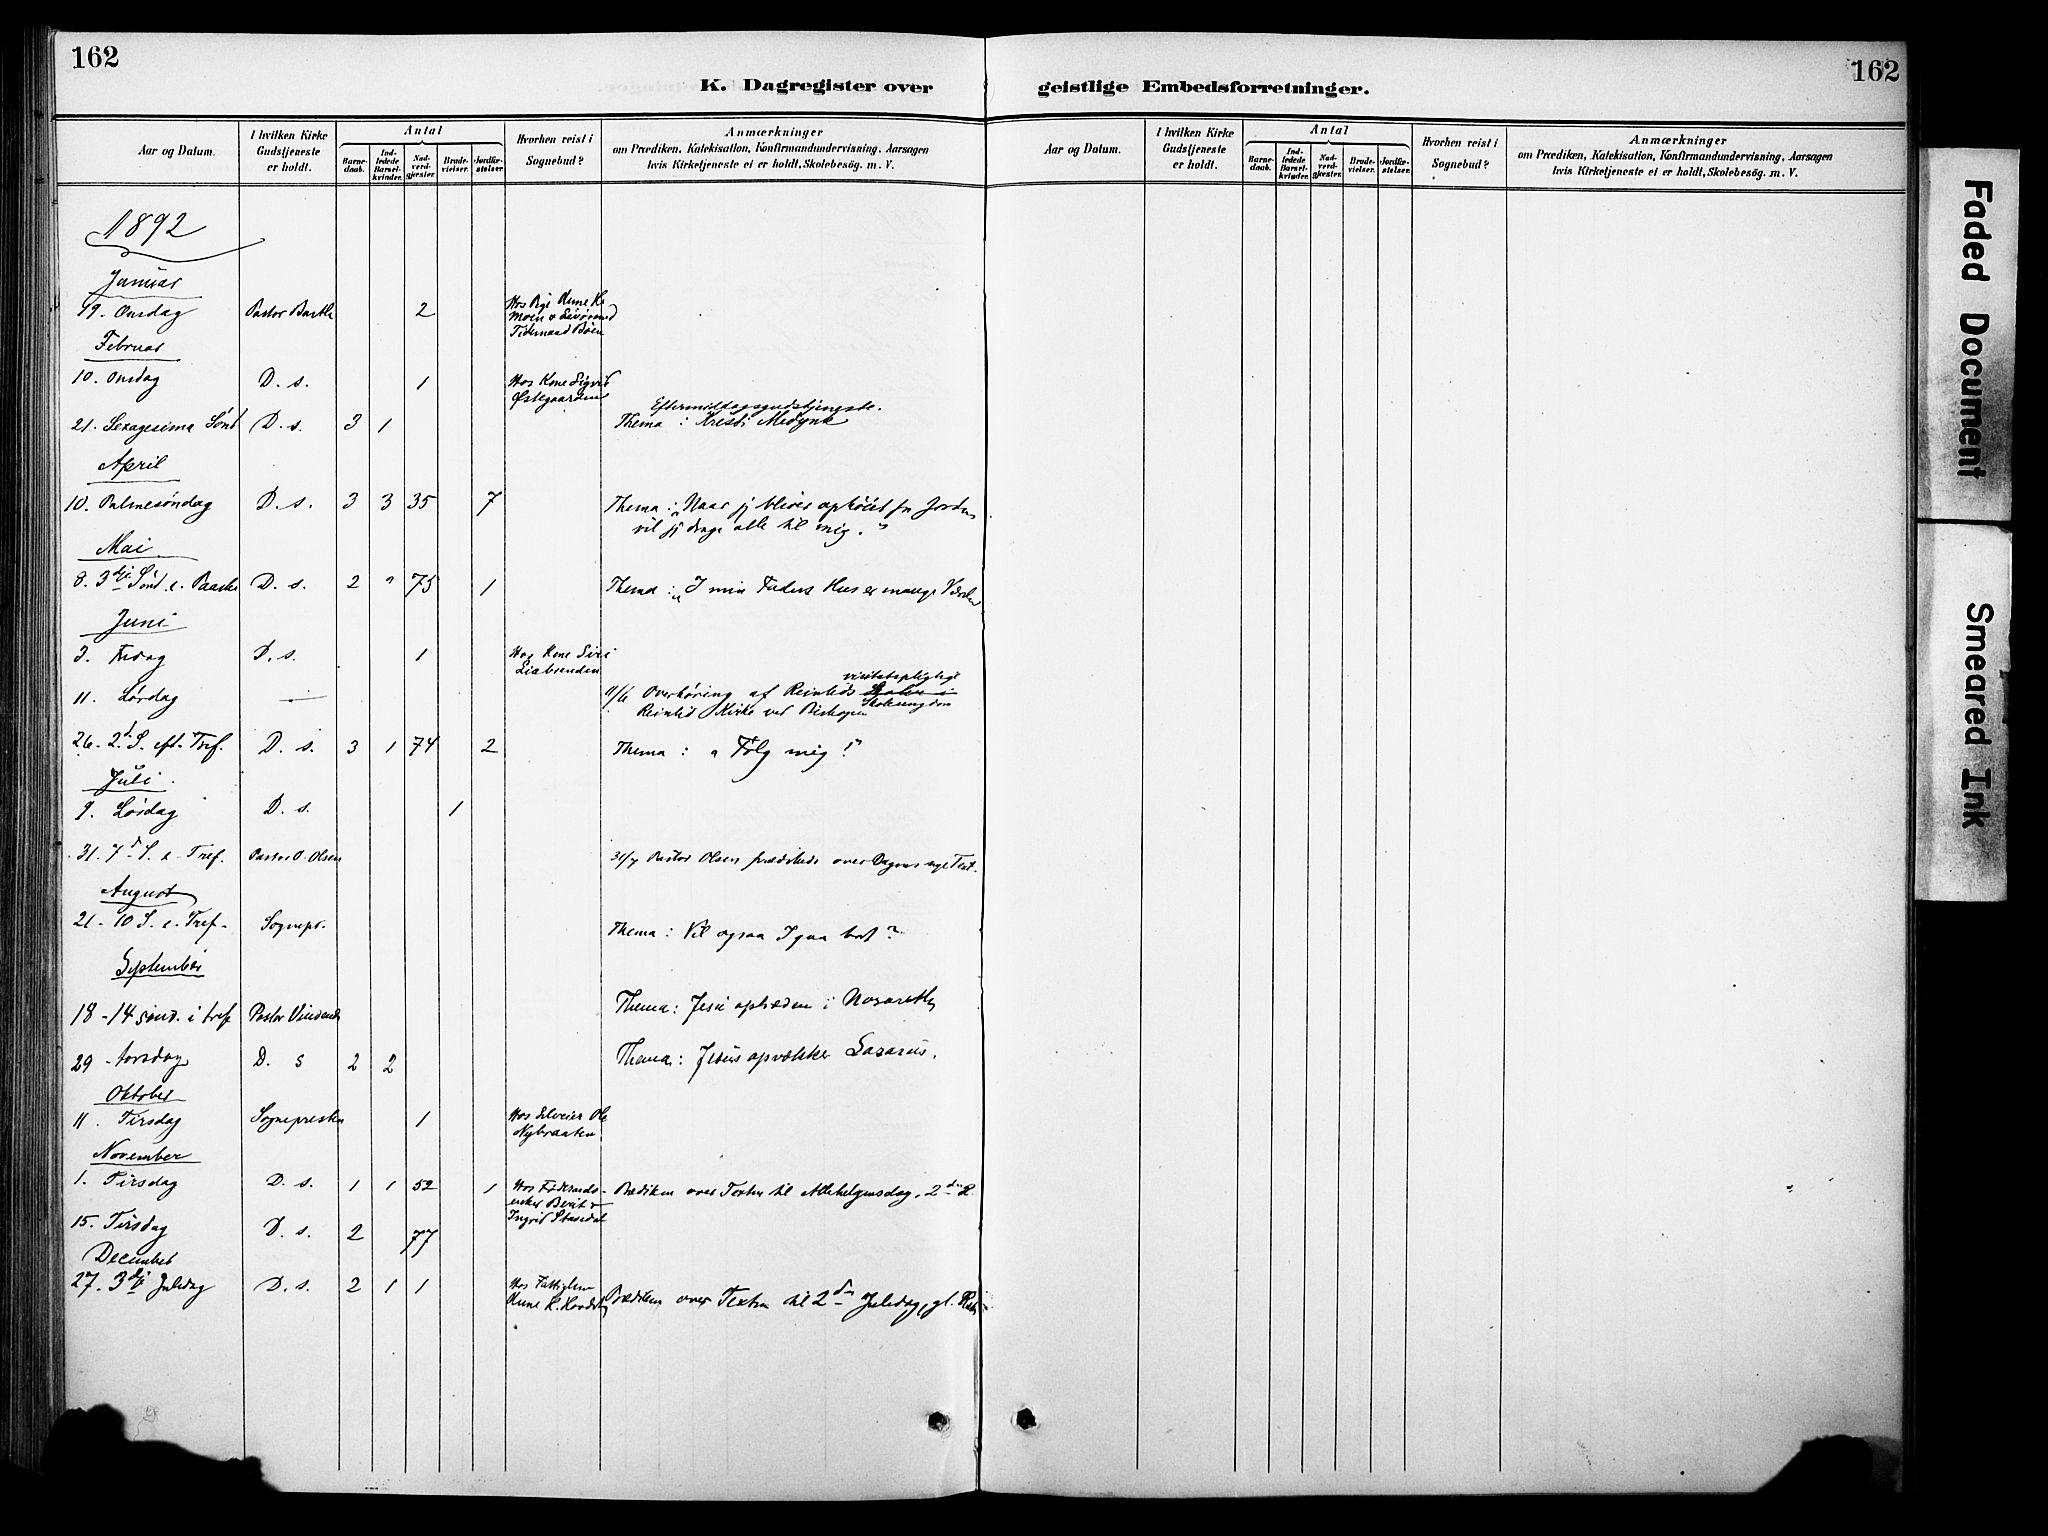 SAH, Sør-Aurdal prestekontor, Ministerialbok nr. 10, 1886-1906, s. 162